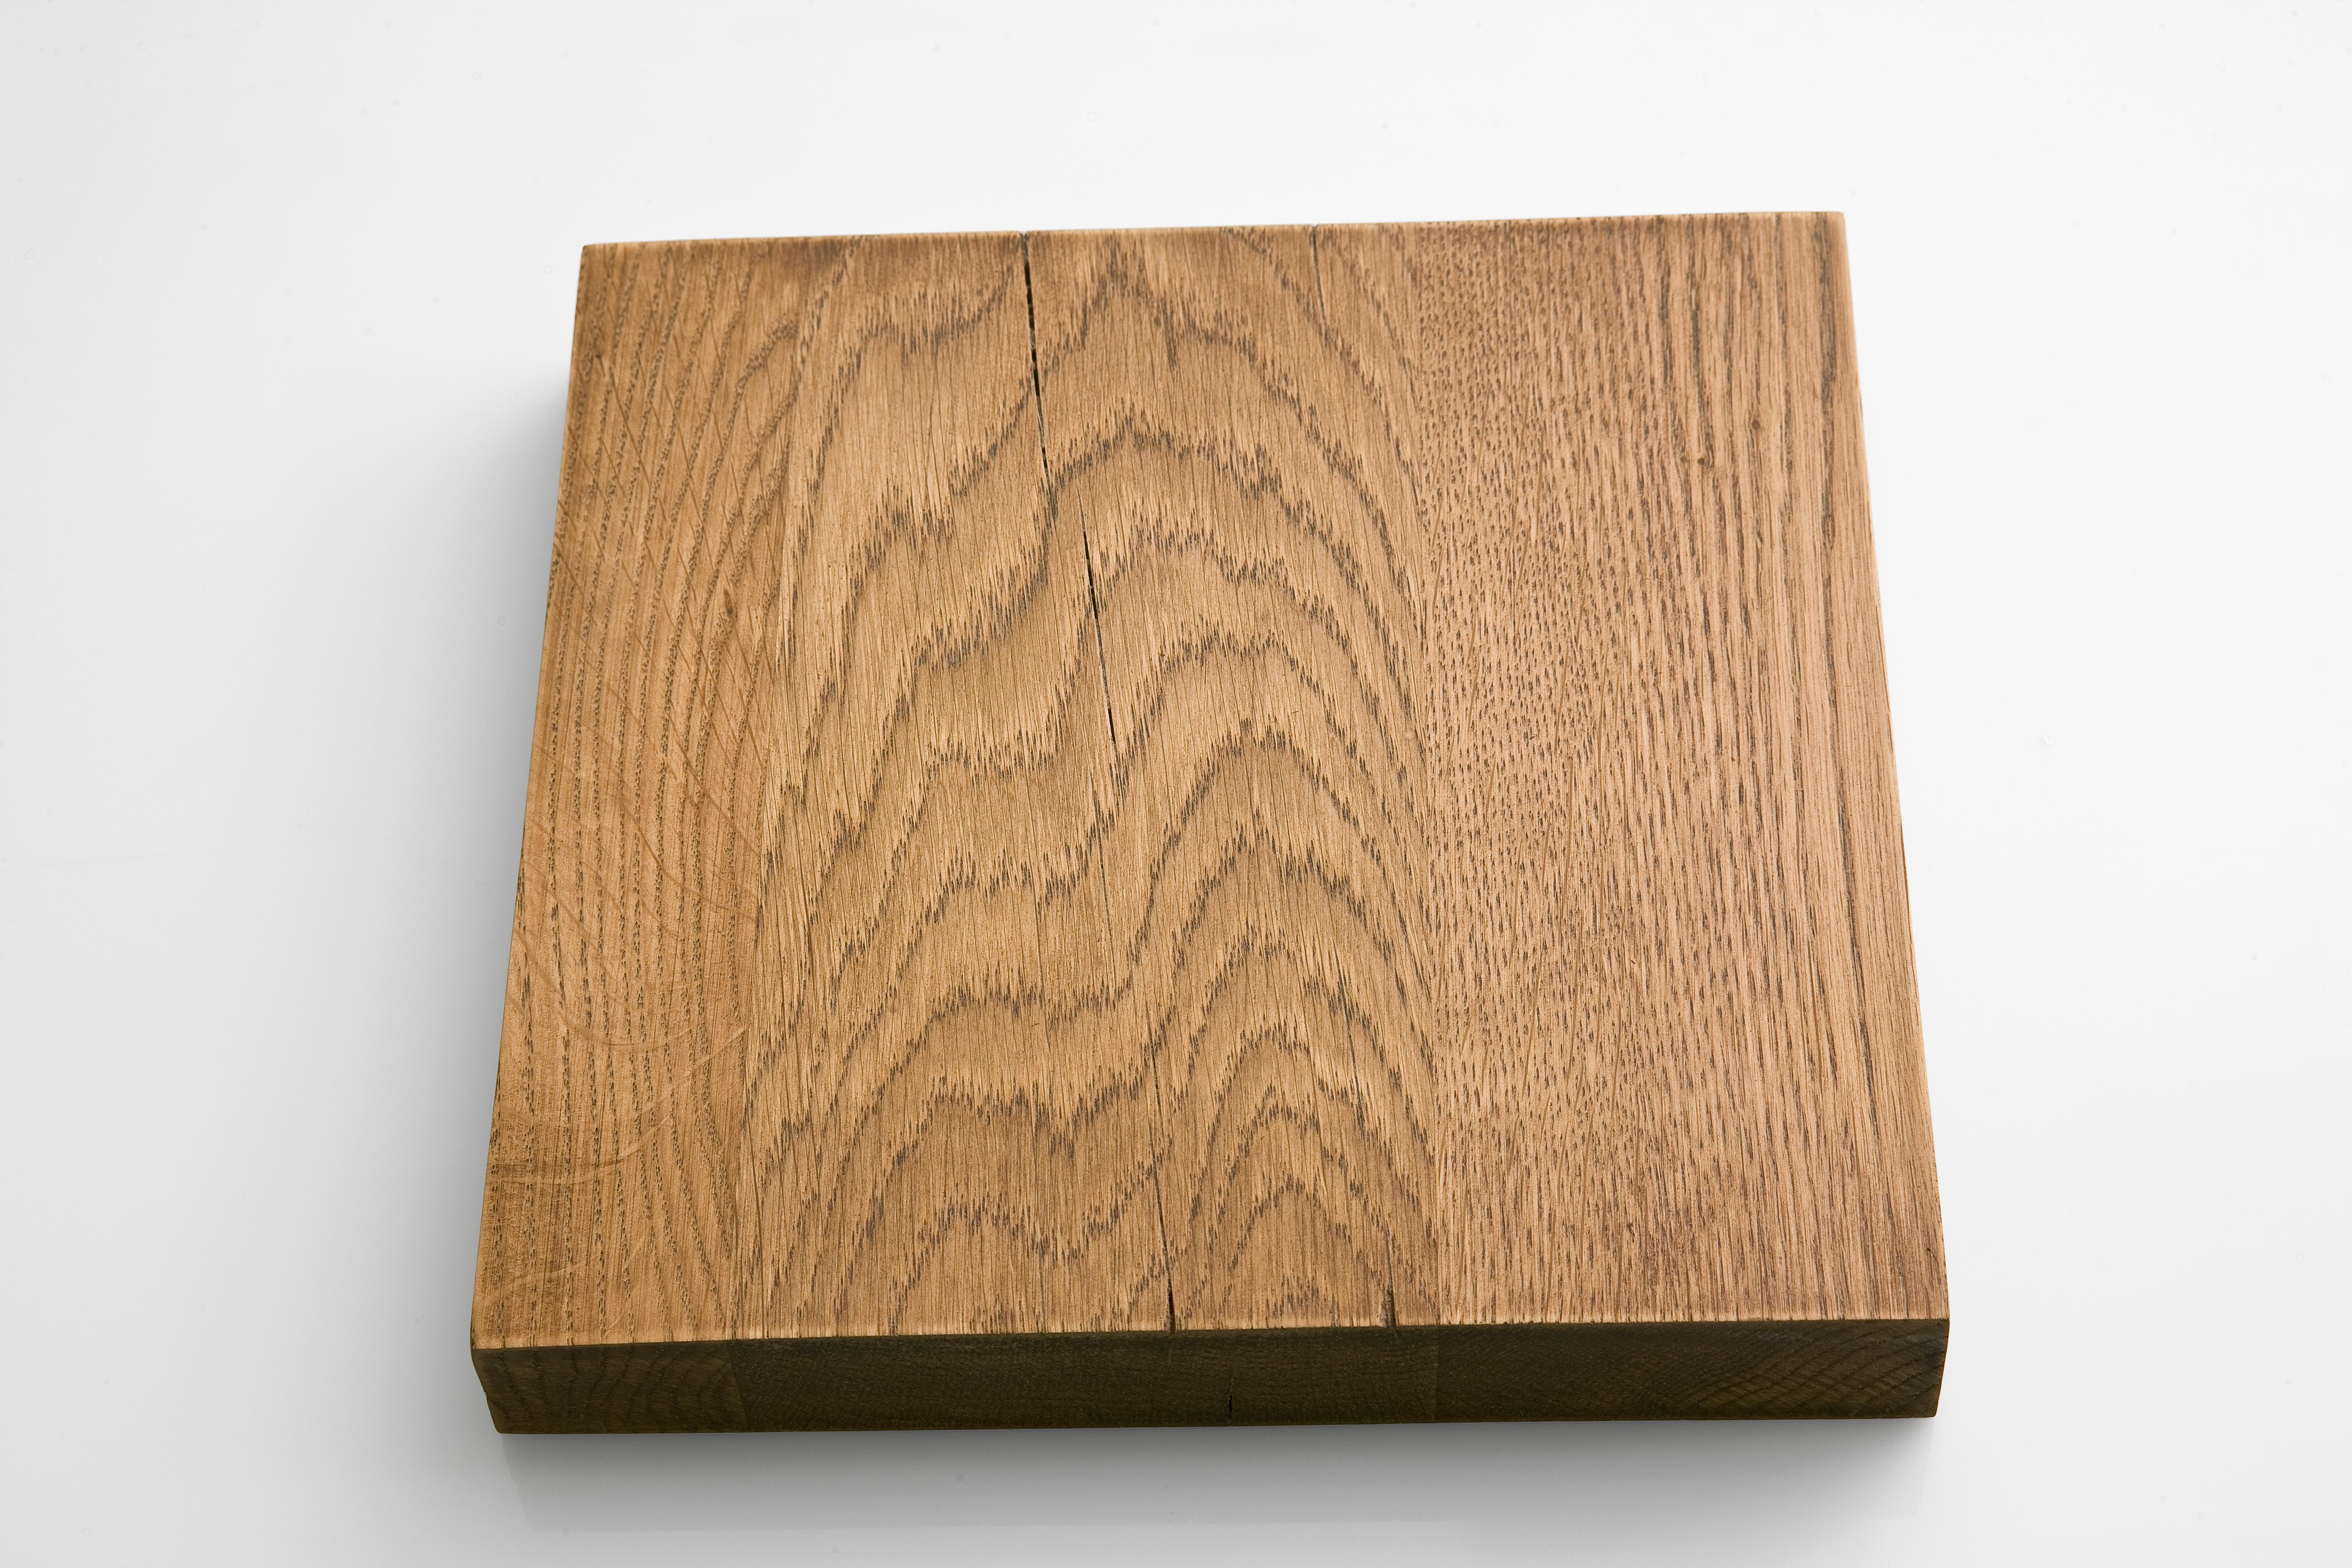 Peeter Esstisch Eiche bassano lackiert 400x120